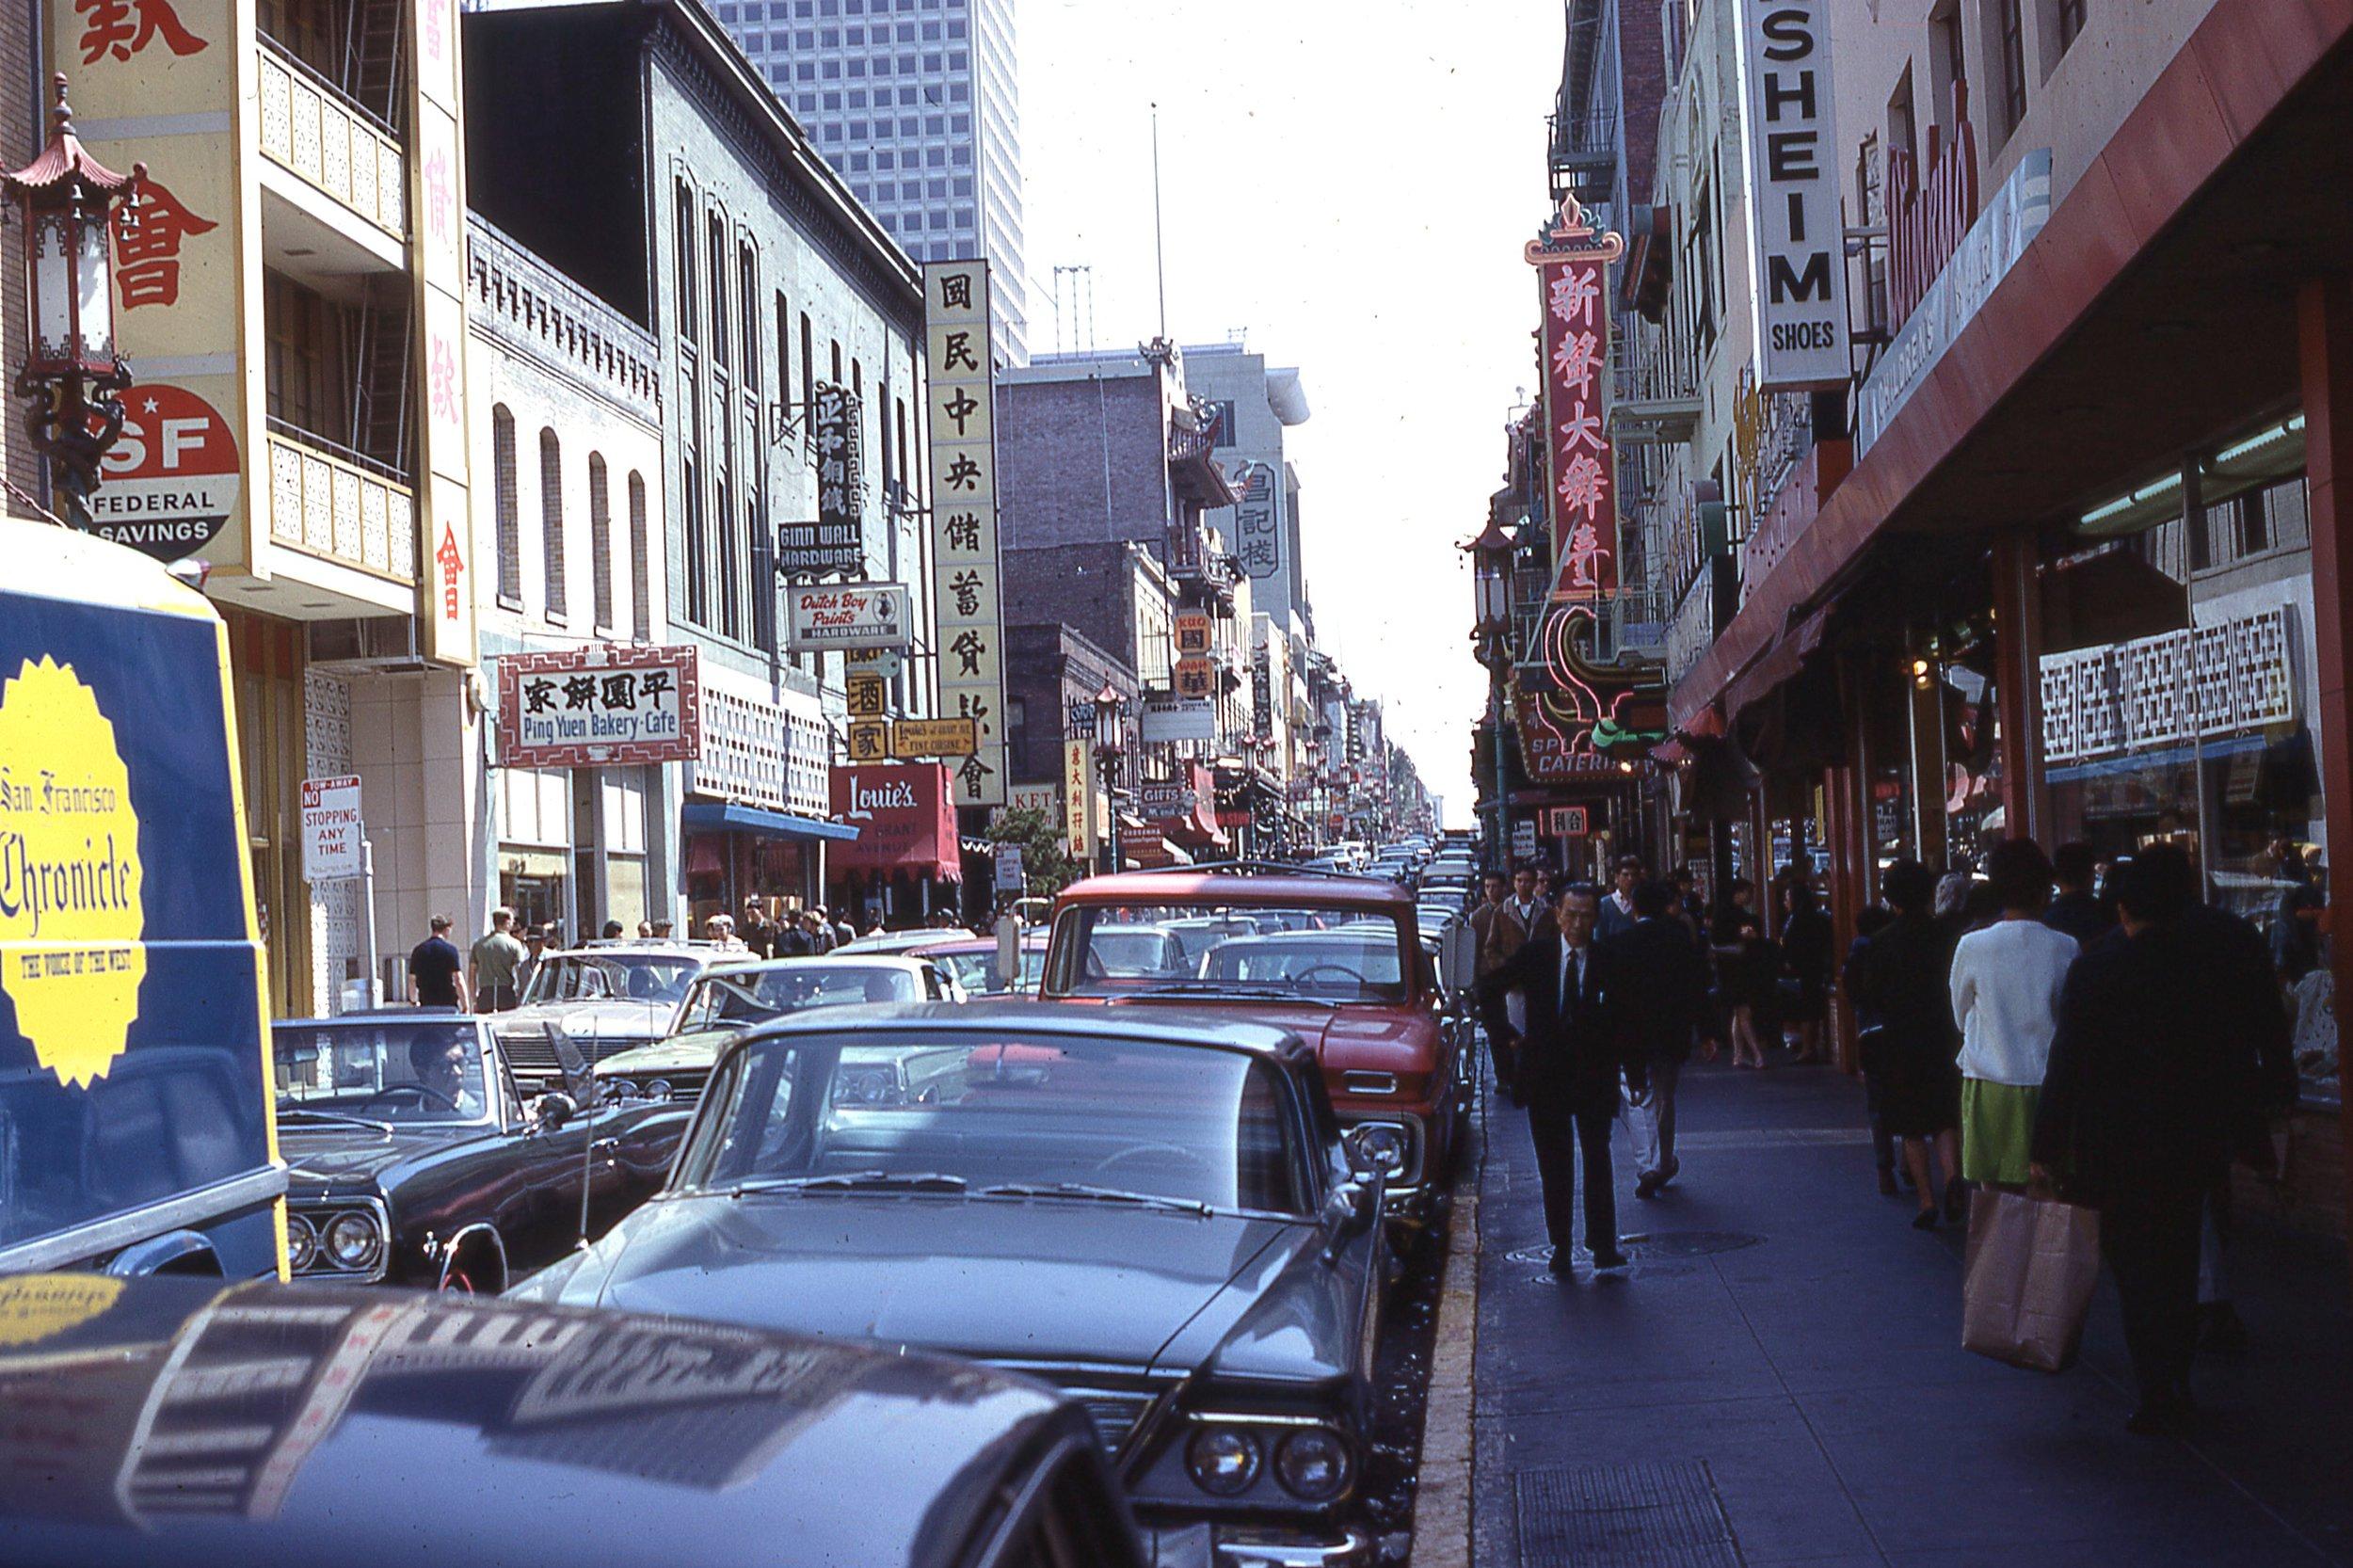 Grant Avenue in San Francisco's Chinatown, around 1969